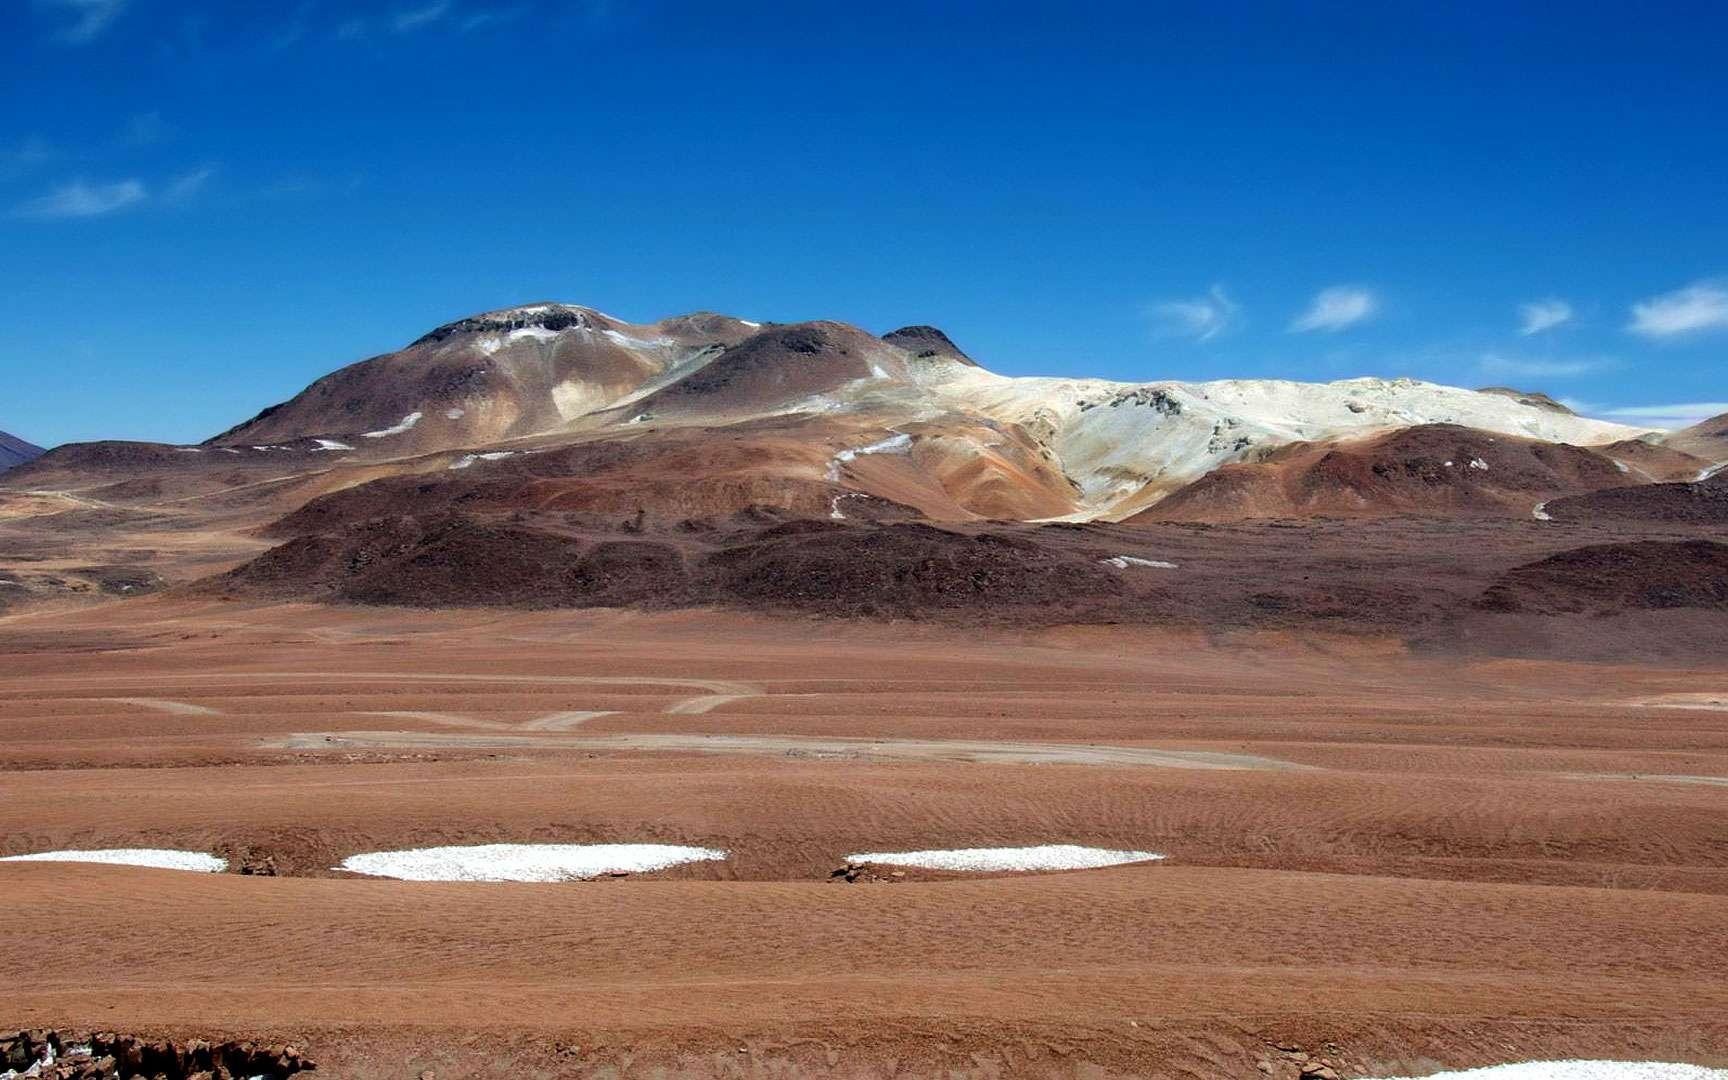 L'Atacama, un désert chilien aux différentes teintes. Le désert d'Atacama, aux confins de l'Argentine, de la Bolivie et du Chili, est l'un des plus extraordinaires au monde. Aride, on peut y voir des paysages martiens avec, au milieu, une étendue d'eau et de sel qui fait le bonheur de la rare faune qui subsiste. © Rémy Decourt, Futura-Sciences